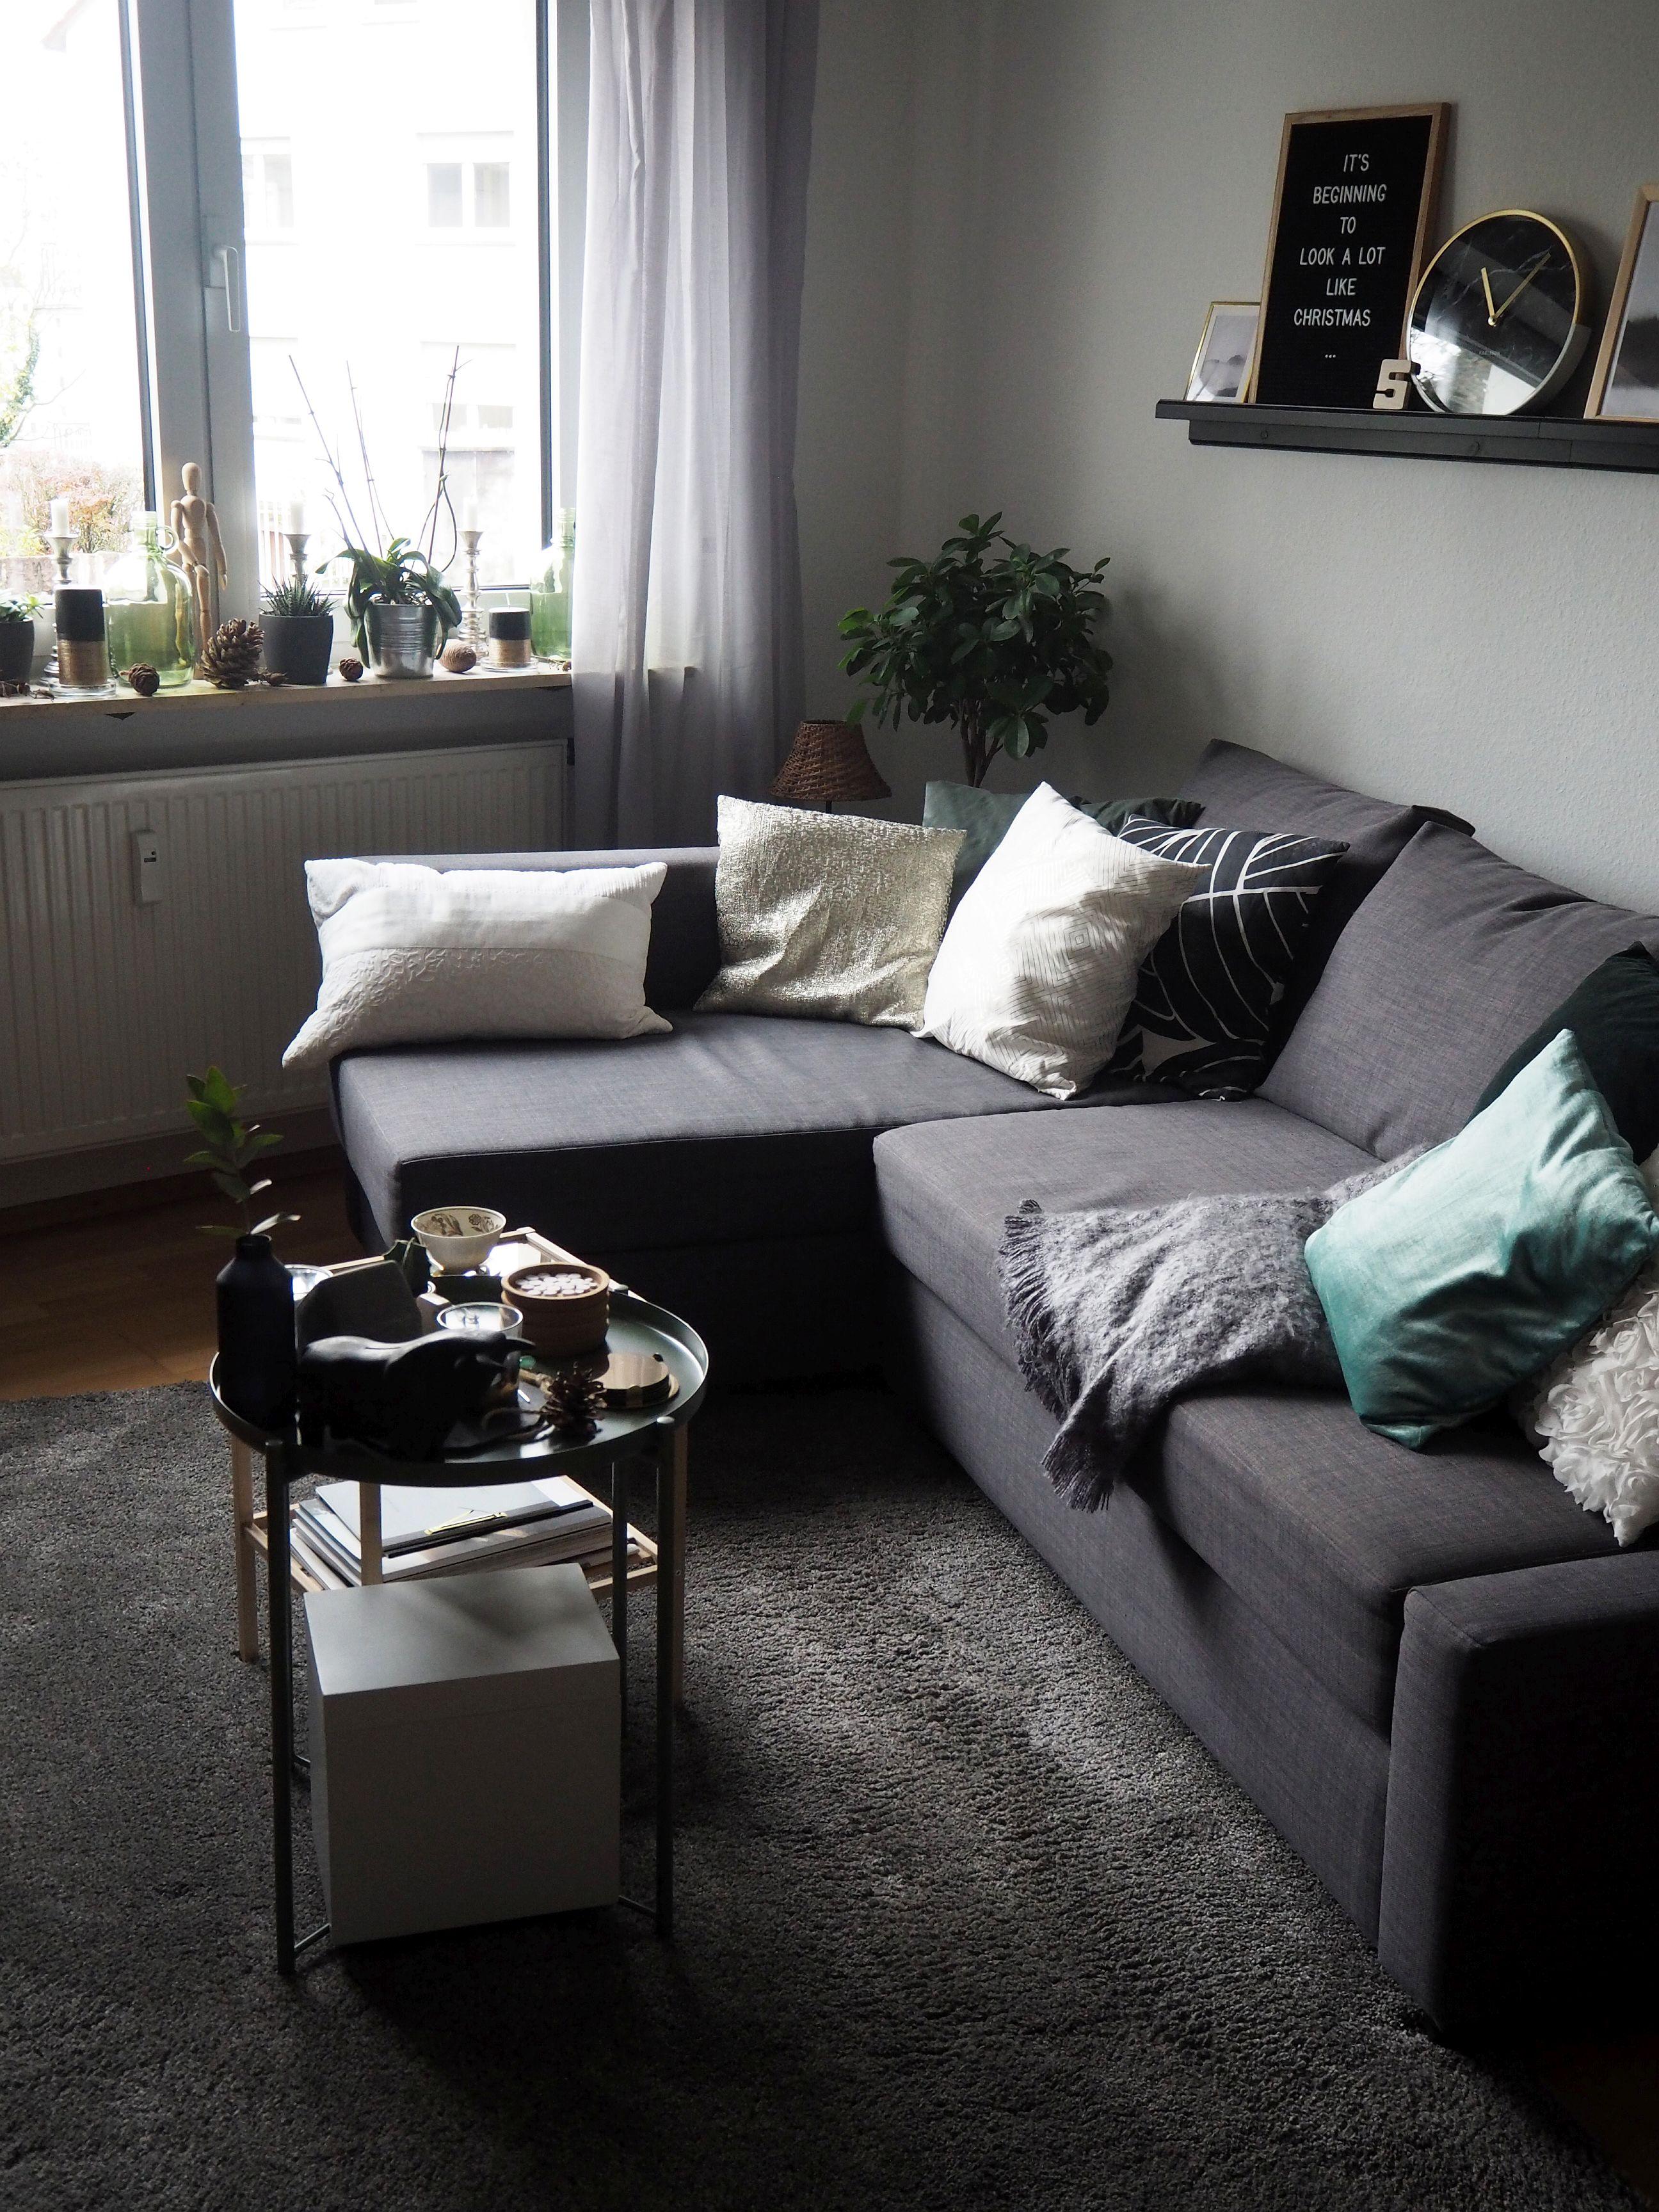 2017-12-skoen-och-kreativ-interior-wohnzimmer-update-weihnachtsstimmung-in-gruen (9)